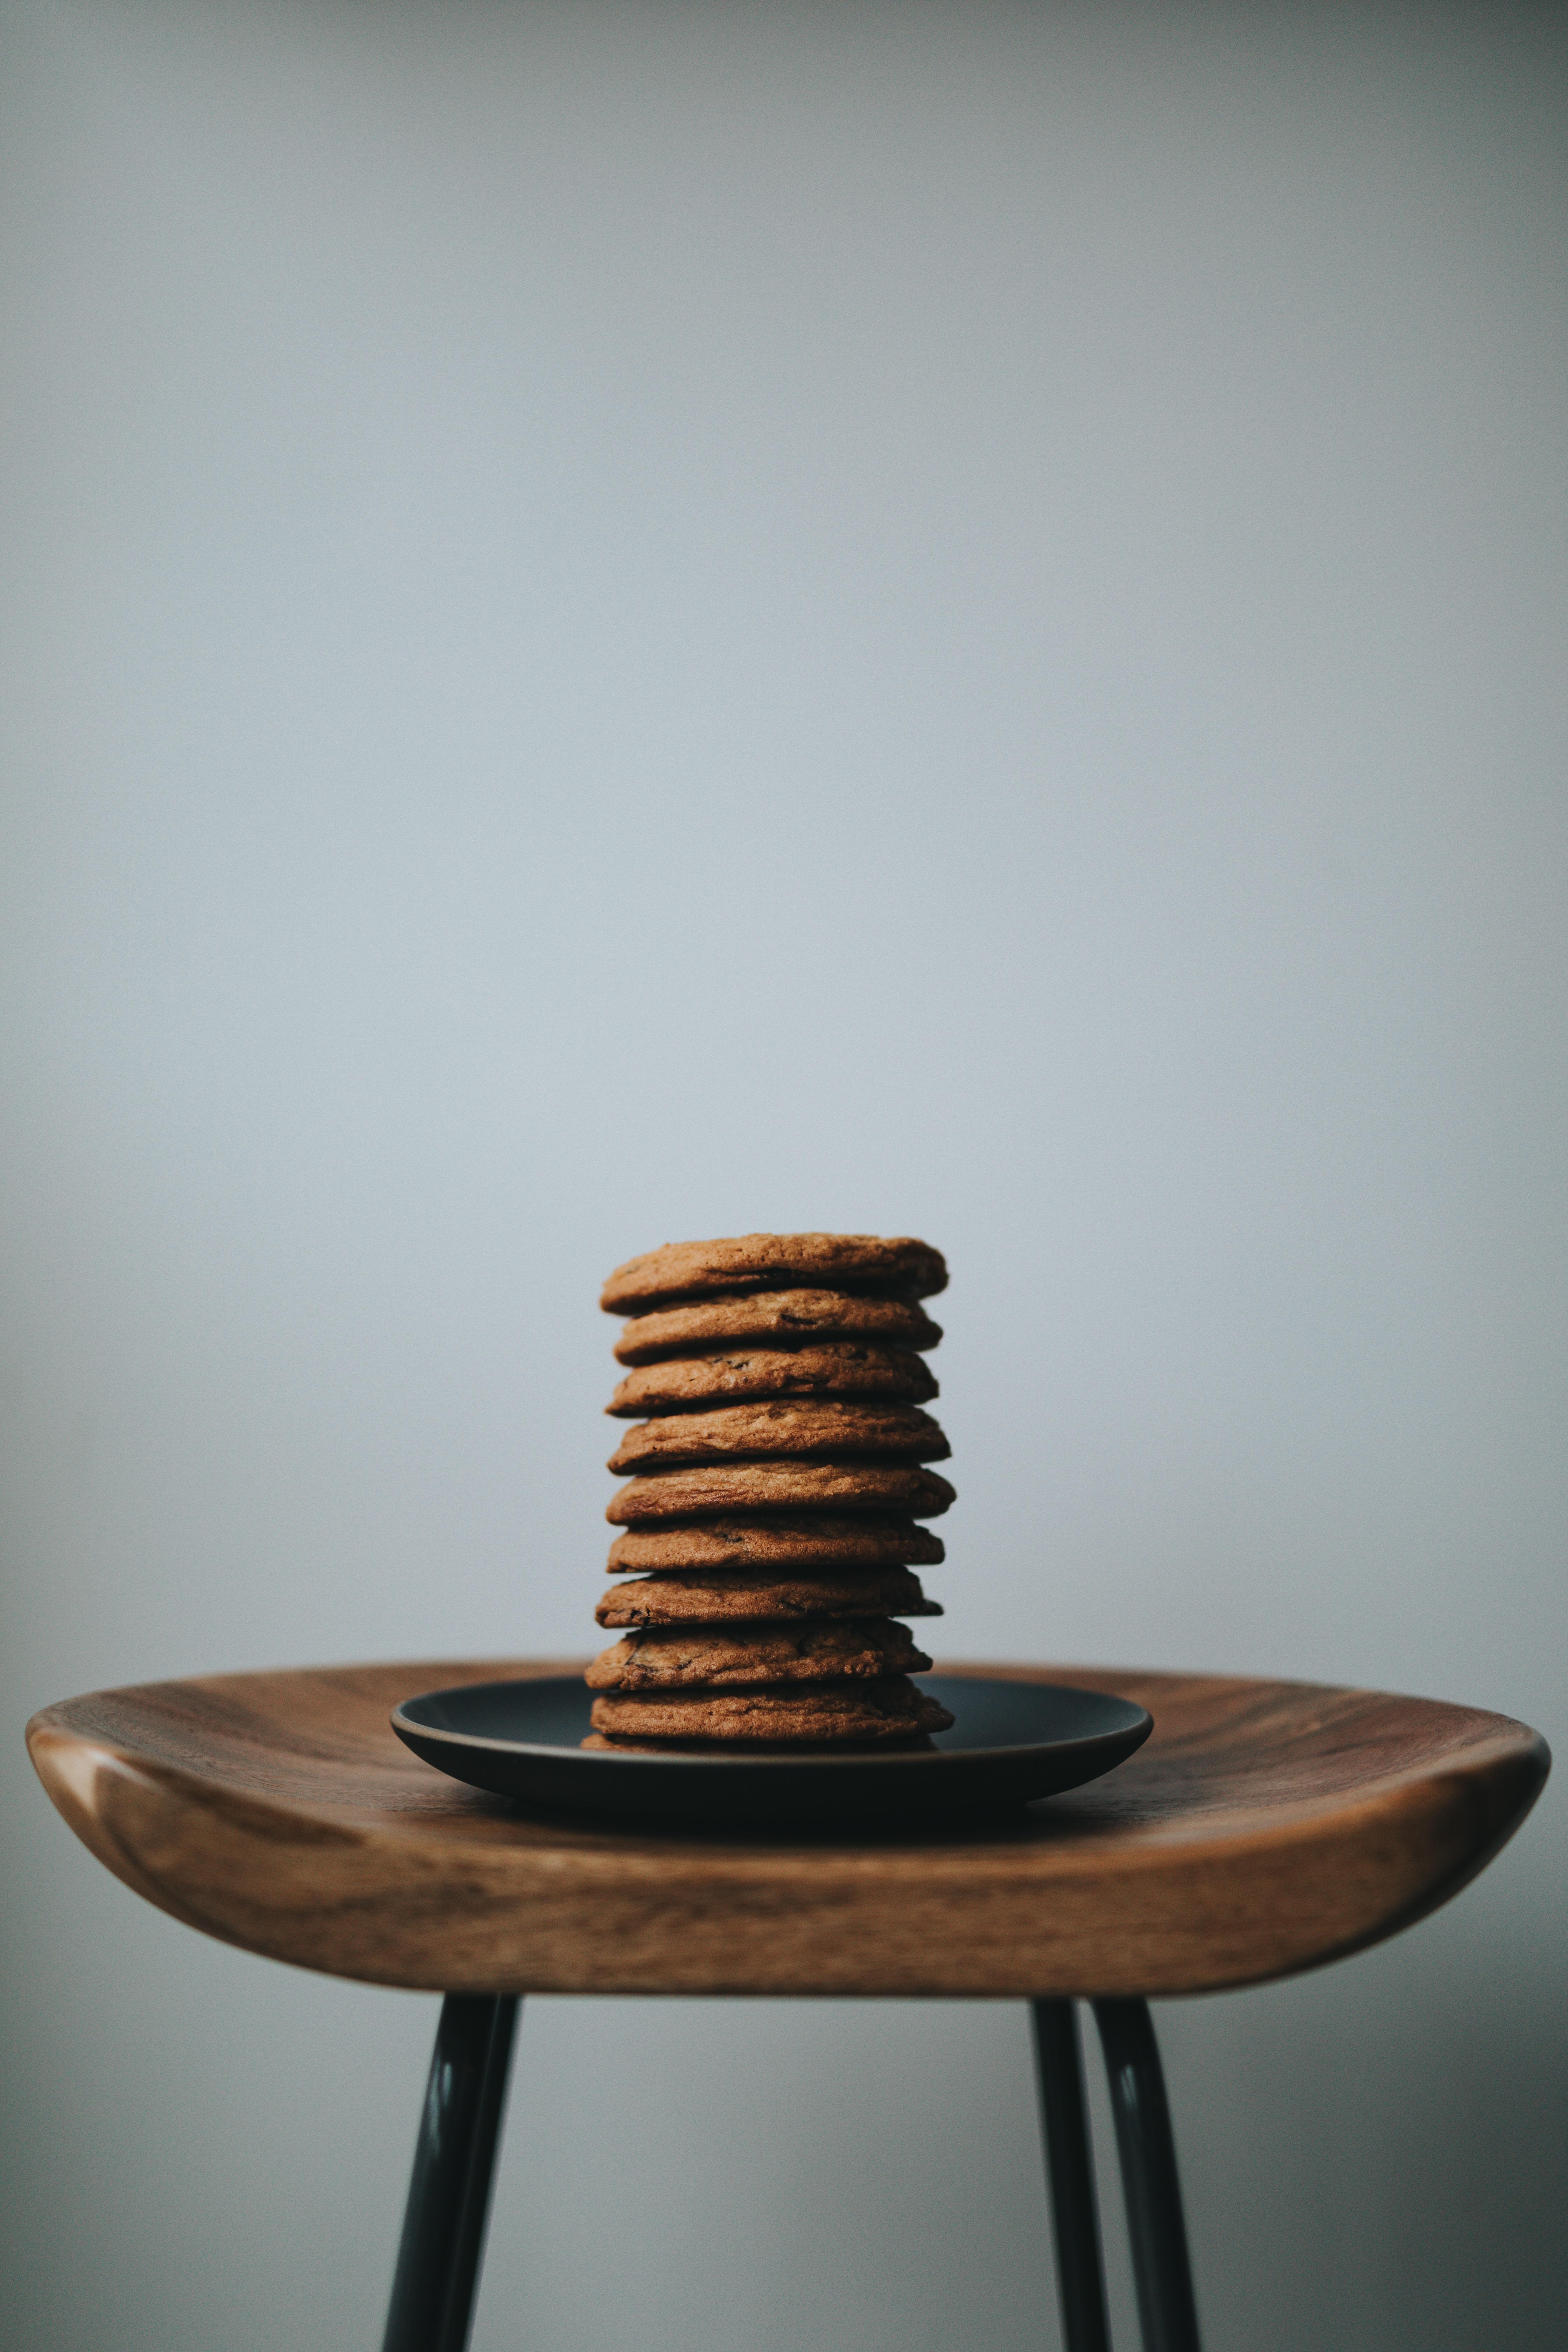 stack of brown cookies on black ceramic plate